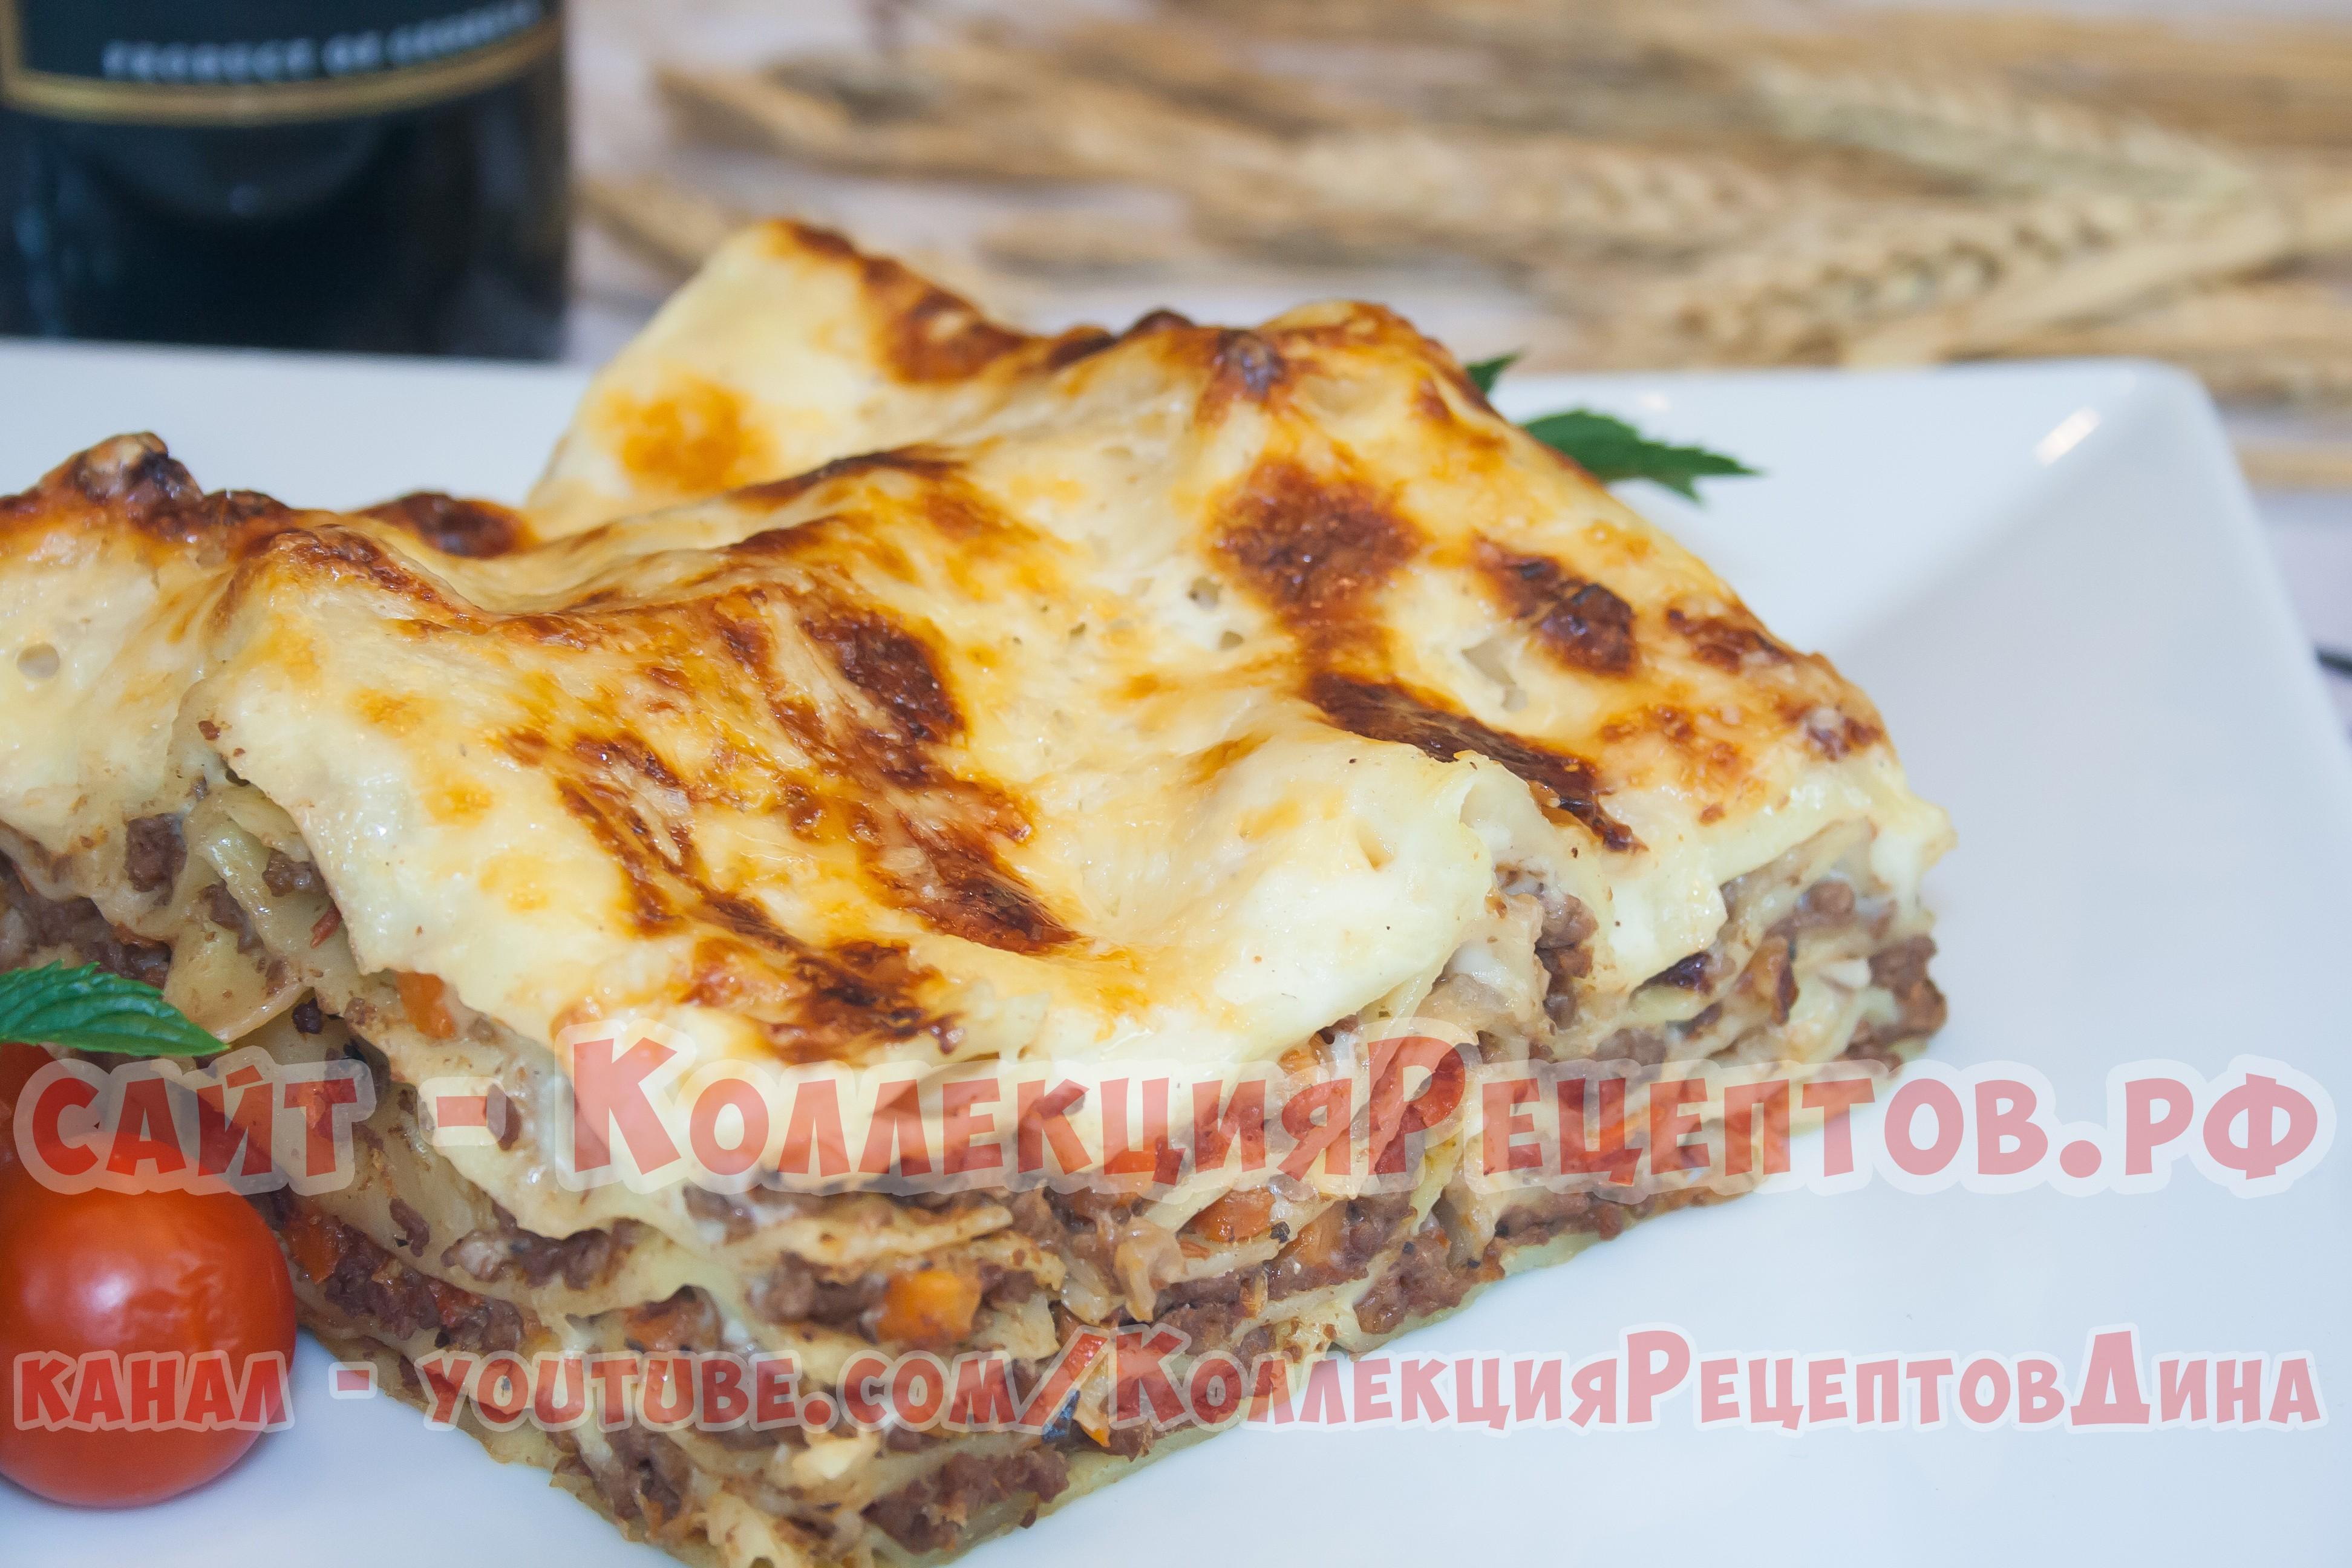 Пошаговый рецепт лазаньи с фаршем в домашних условиях с фото 14